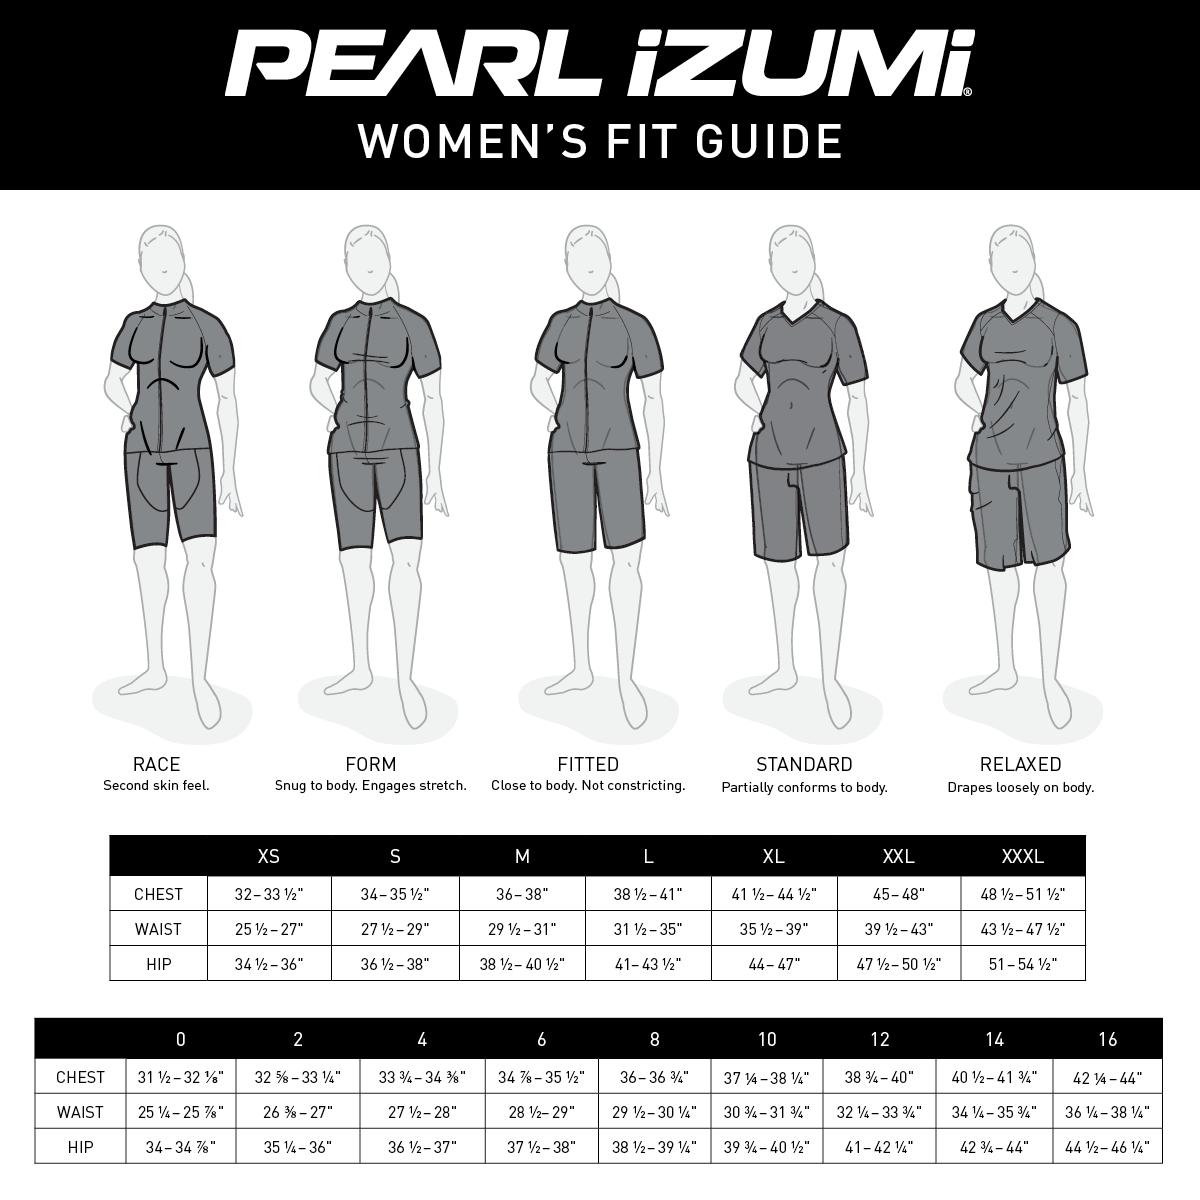 Pearl Izumi Women's Apparel sizing chart